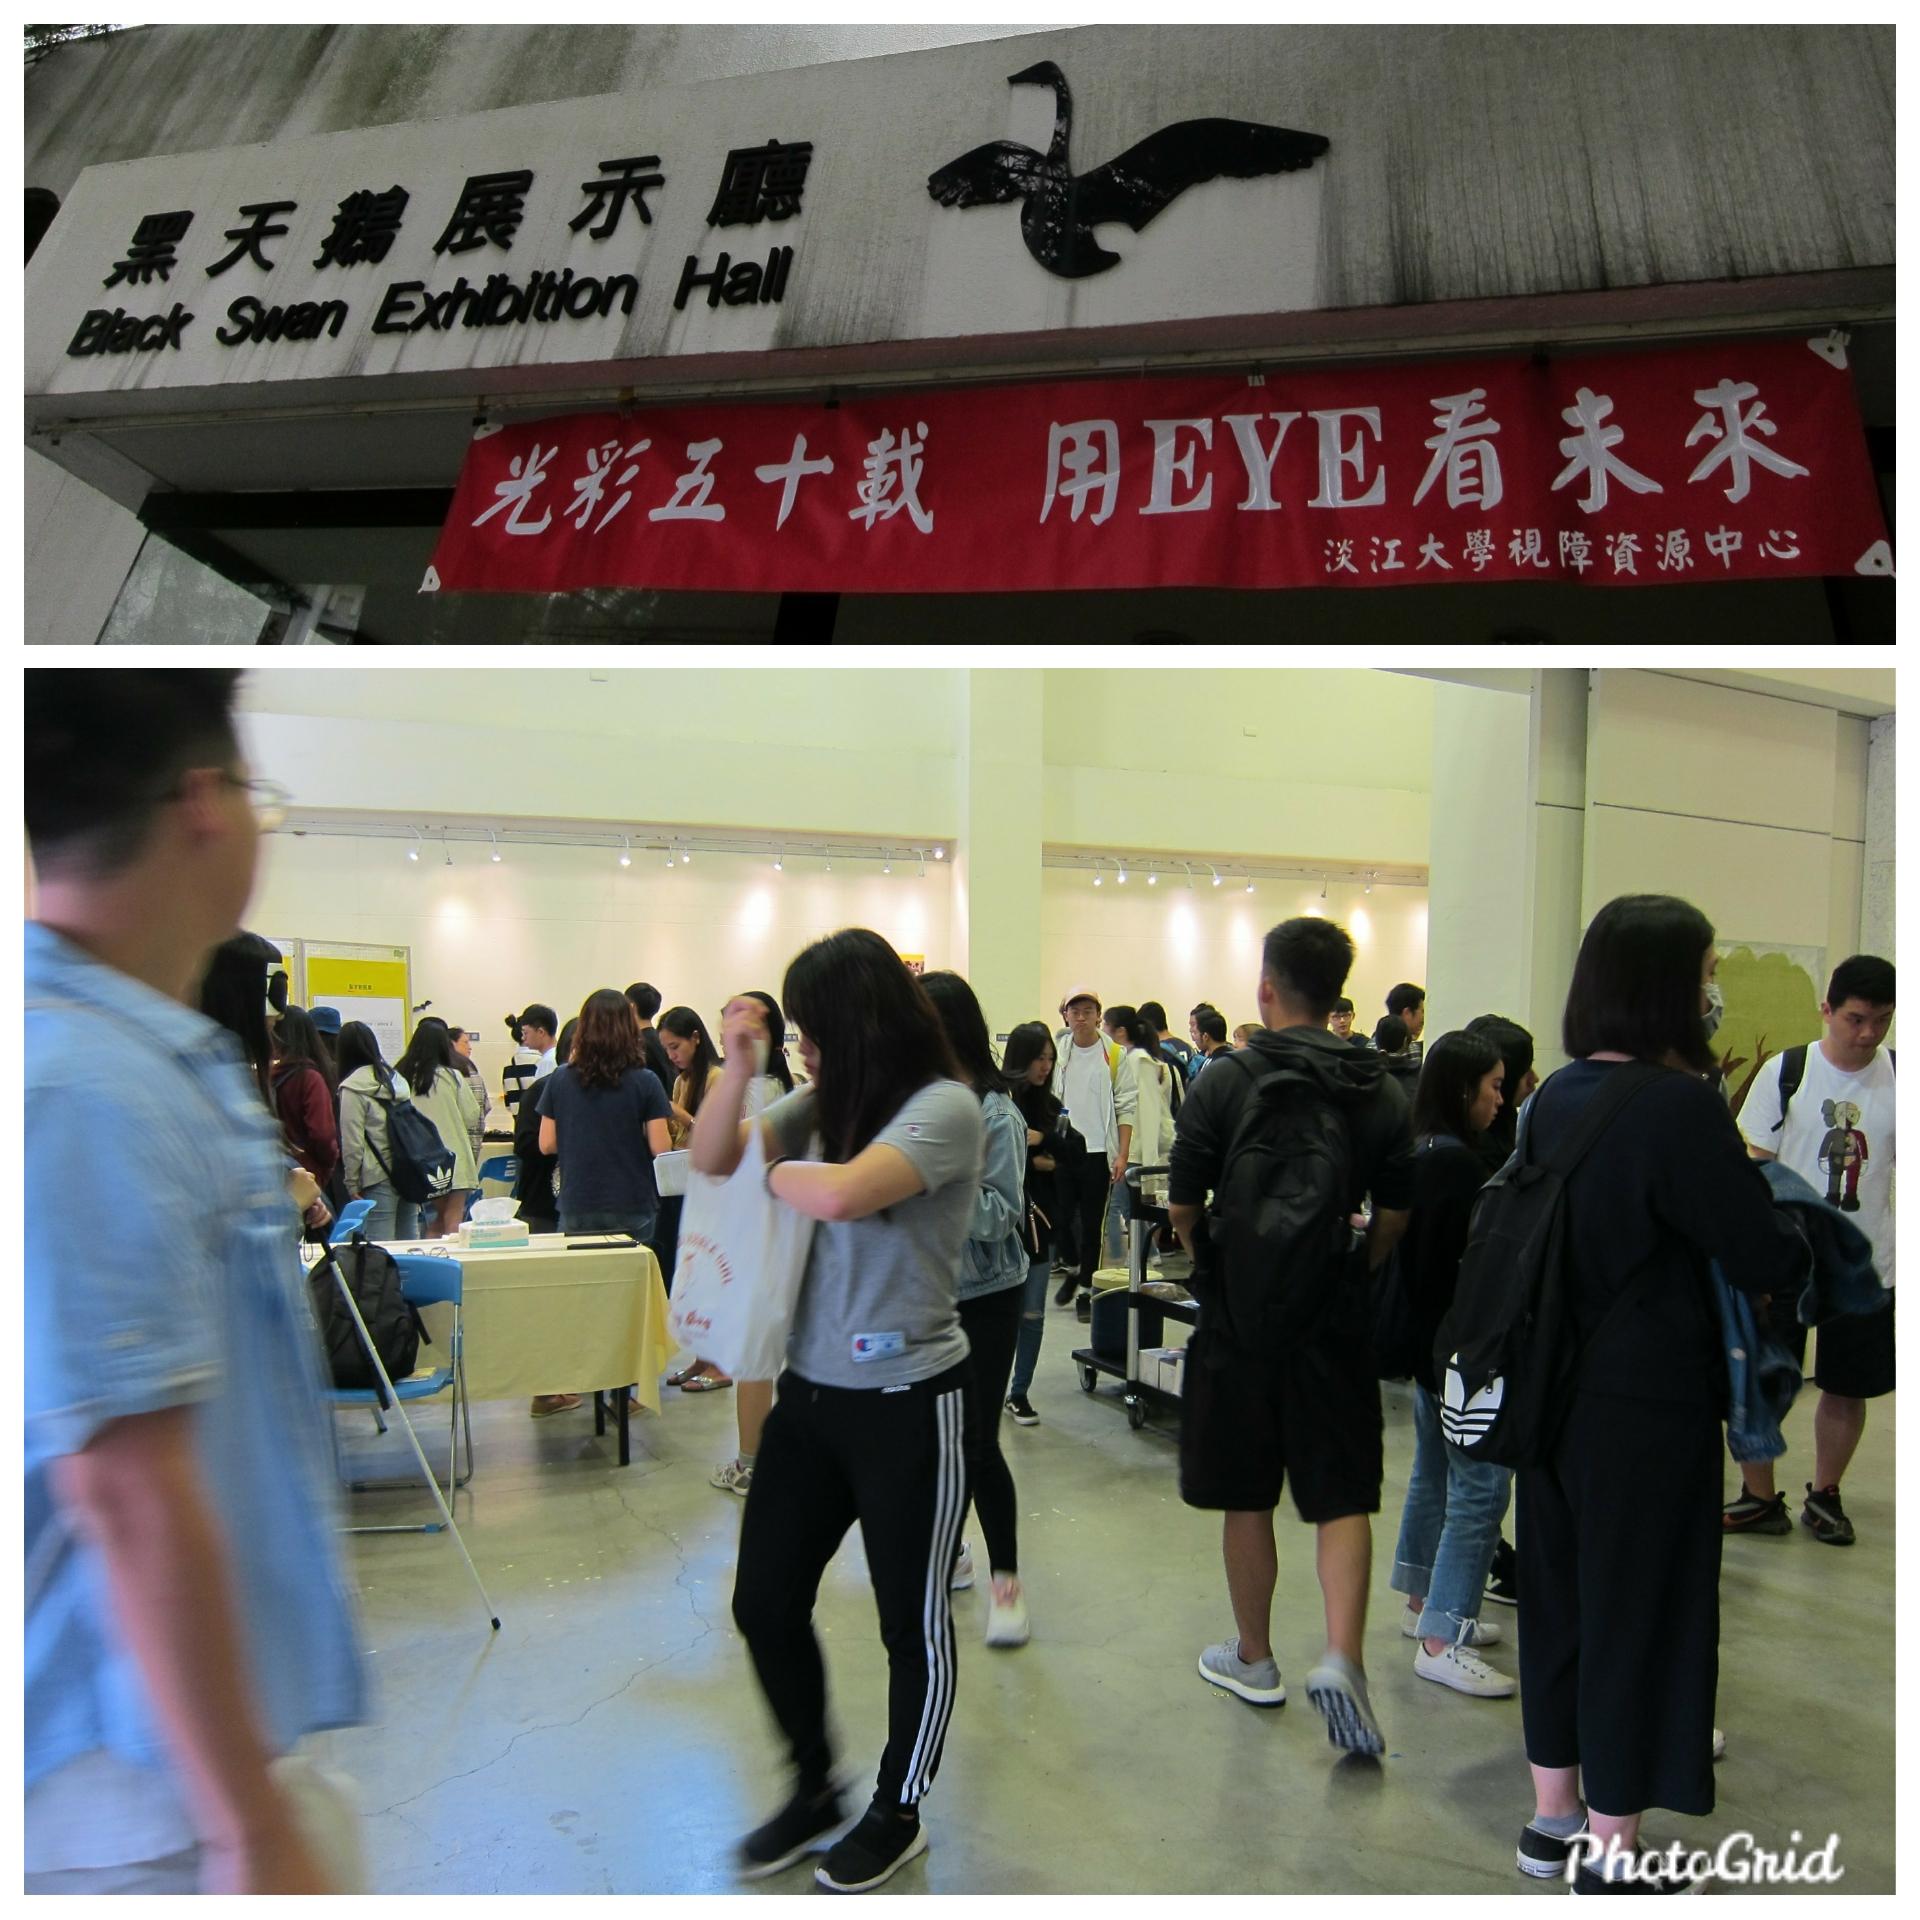 啟明50在黑天鵝展示聽舉行,吸引很多同學參觀。